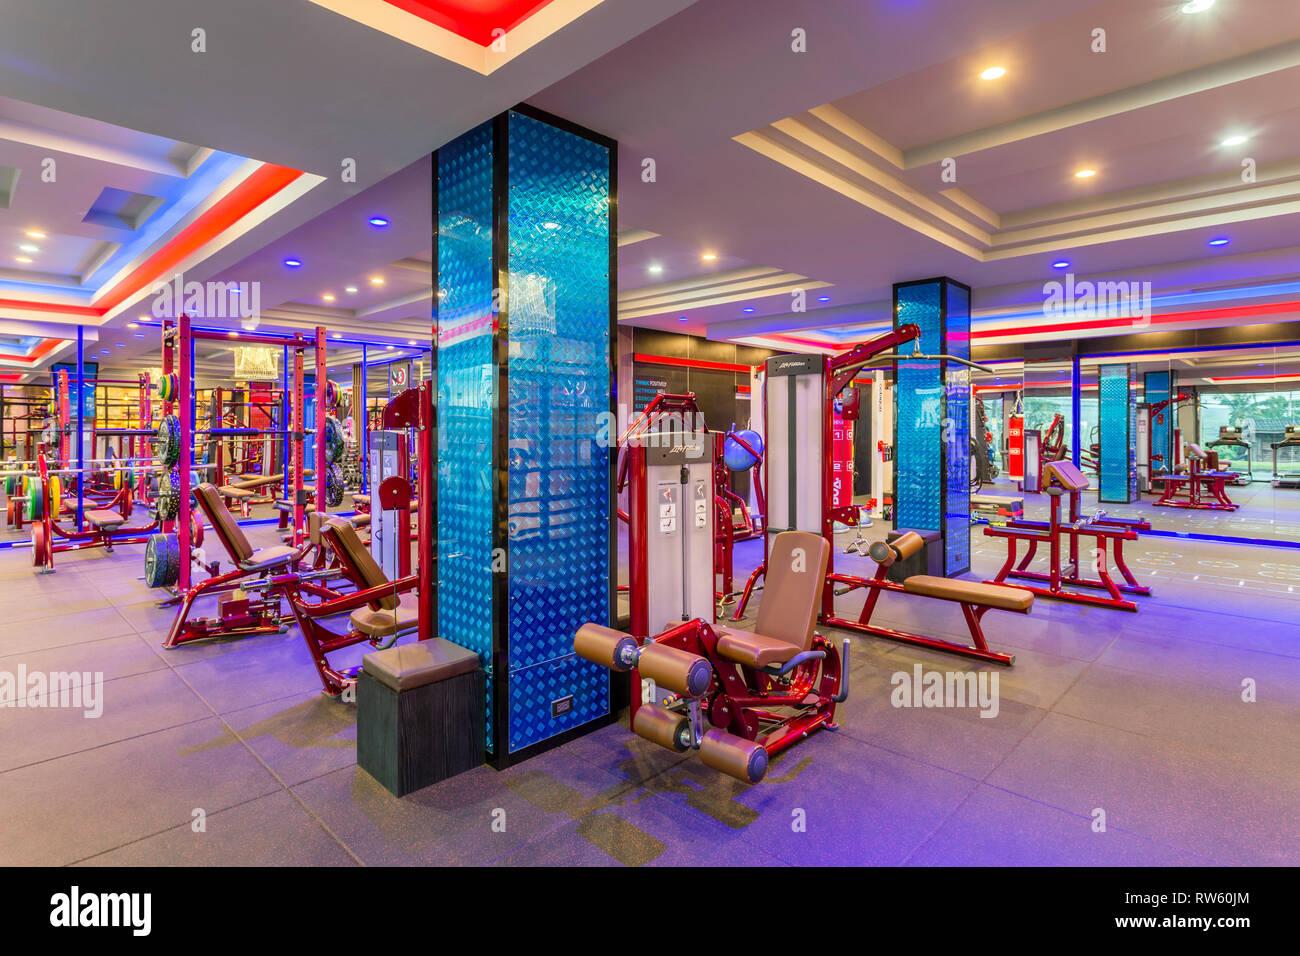 Club de remise en forme de vie GM prix intérieur rempli d'appareils de fitness et machine d'exercice à Krabi, Thaïlande. Photo Stock